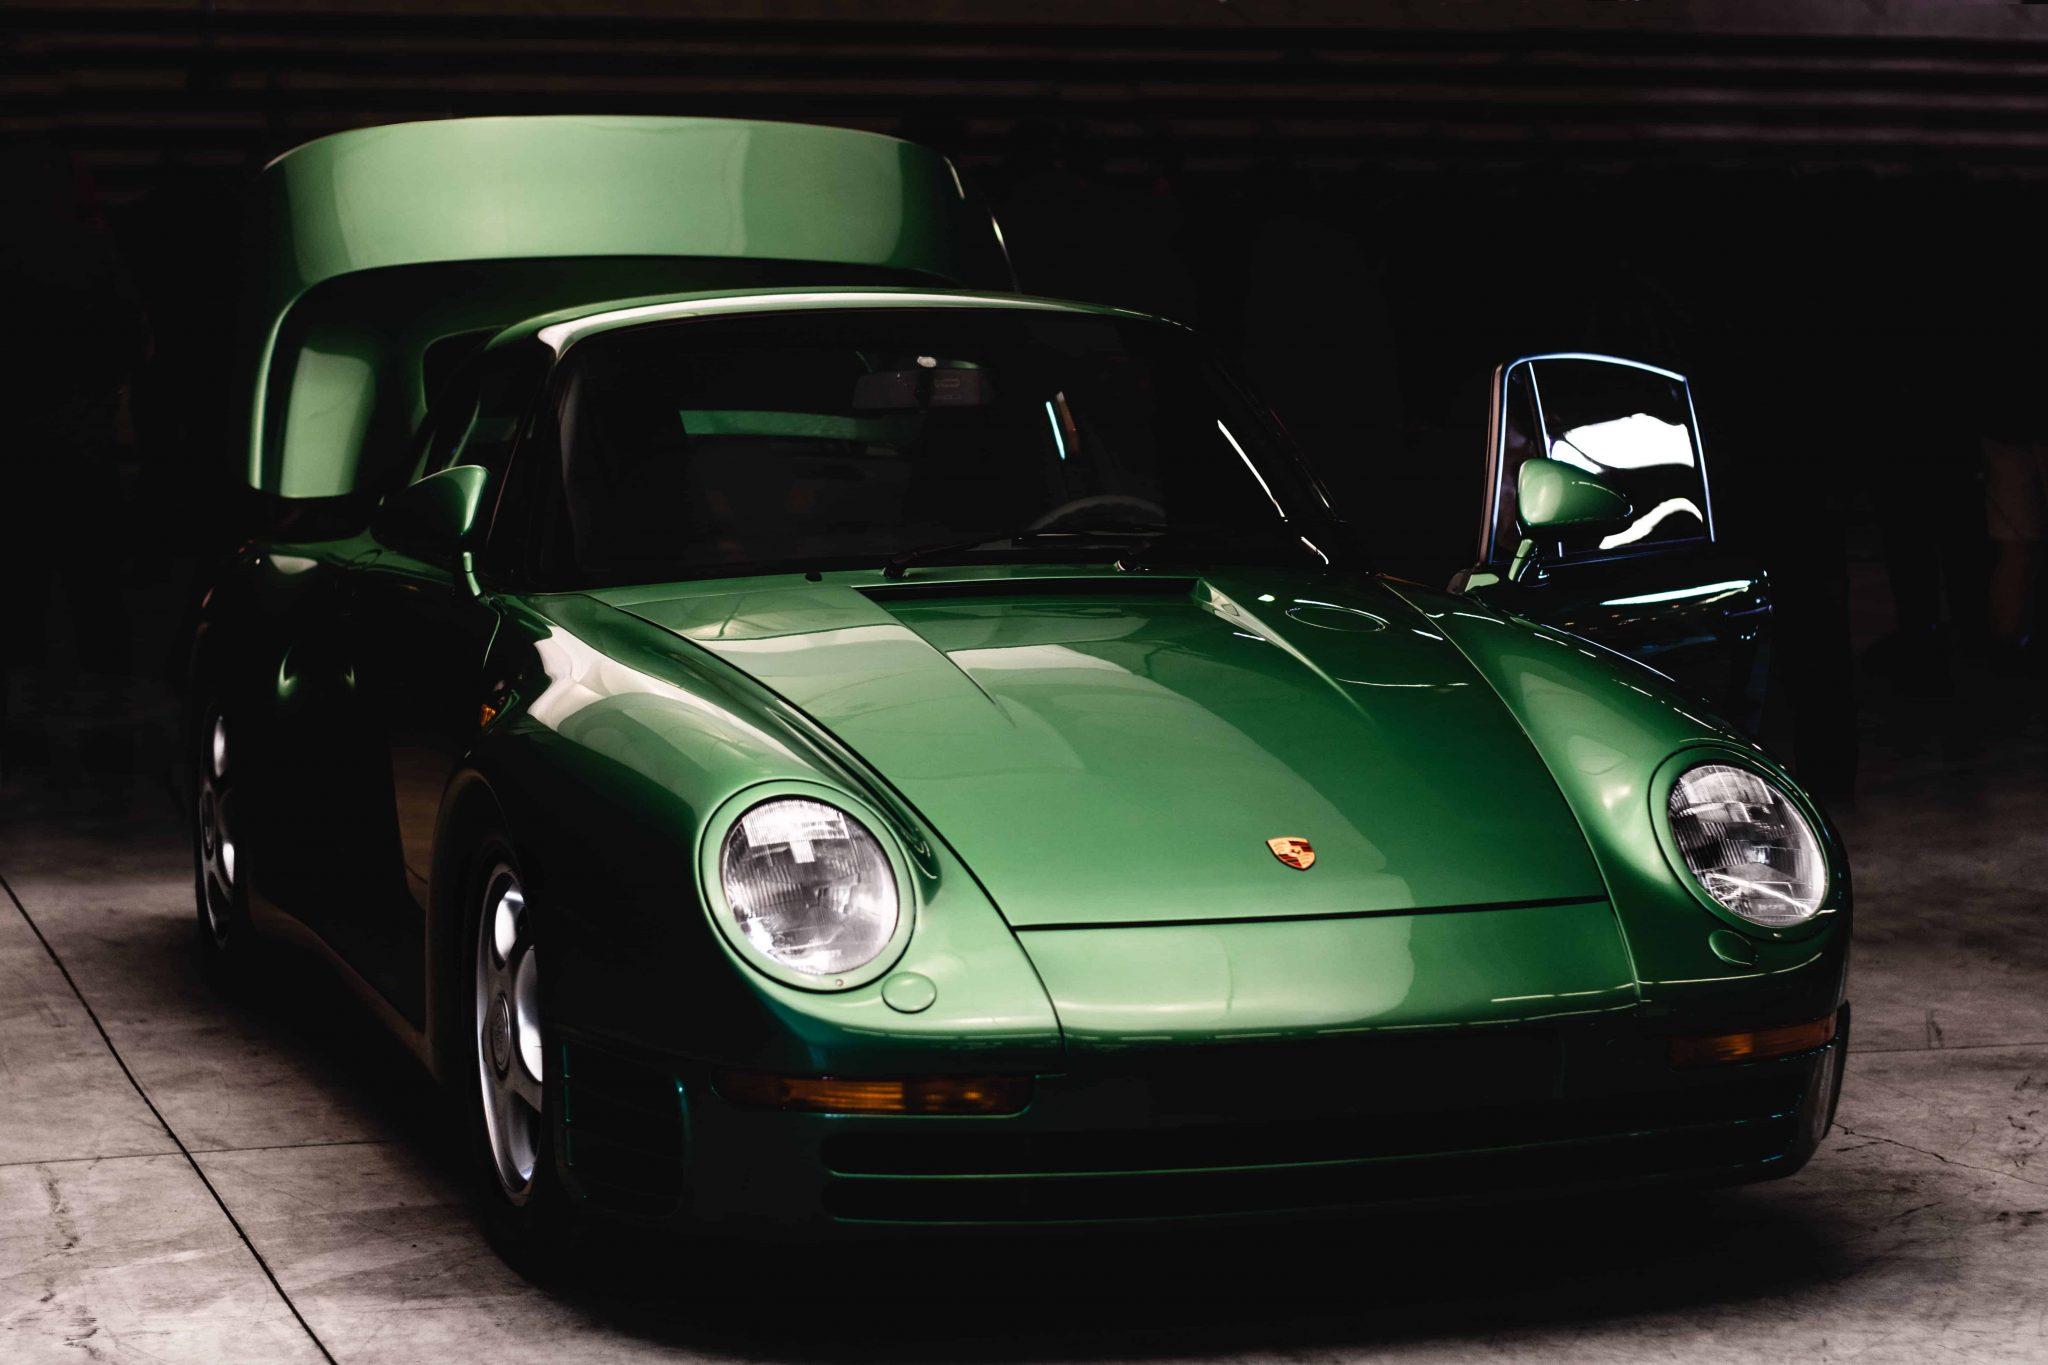 Canepa Porsche 969Sc